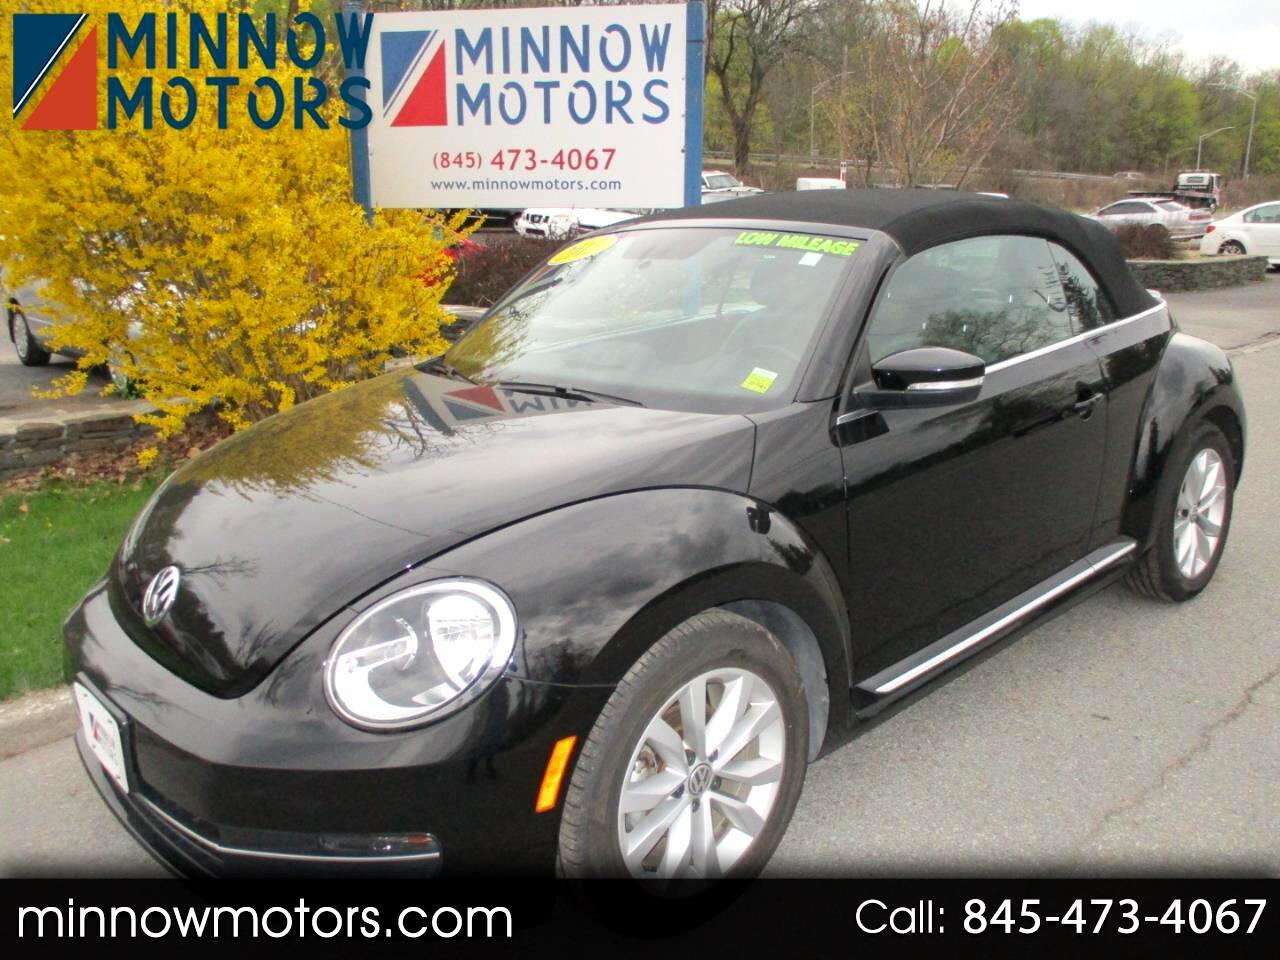 2013 Volkswagen Beetle TDI Convertible 6M